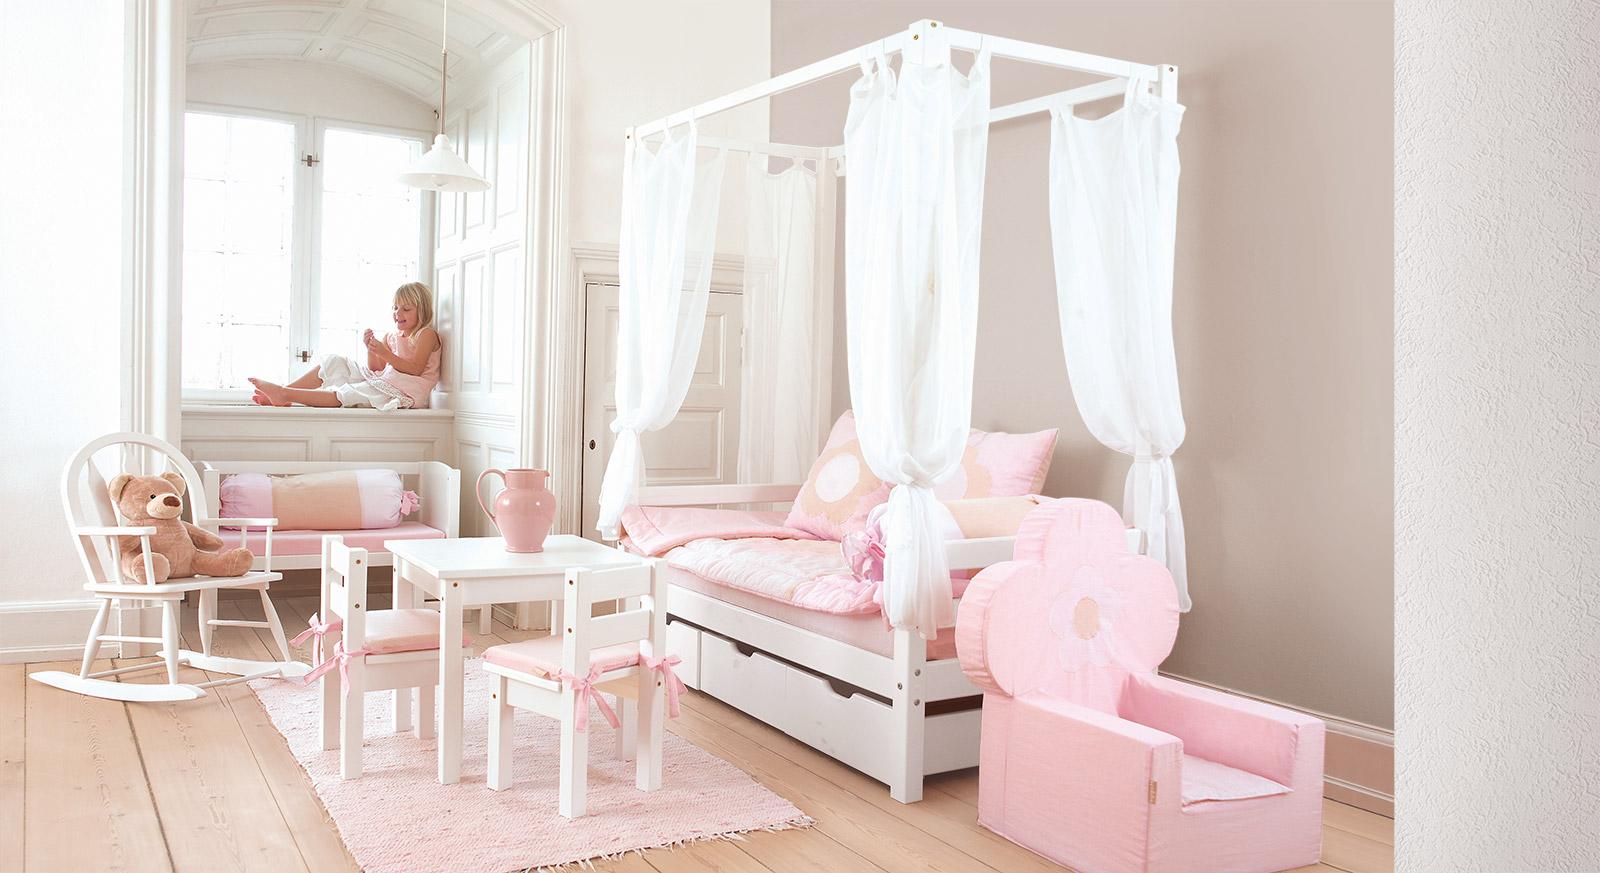 Himmelbett dachschräge kinder  Himmelbett weiß aus massiver Kiefer für Mädchen - Kids Heaven